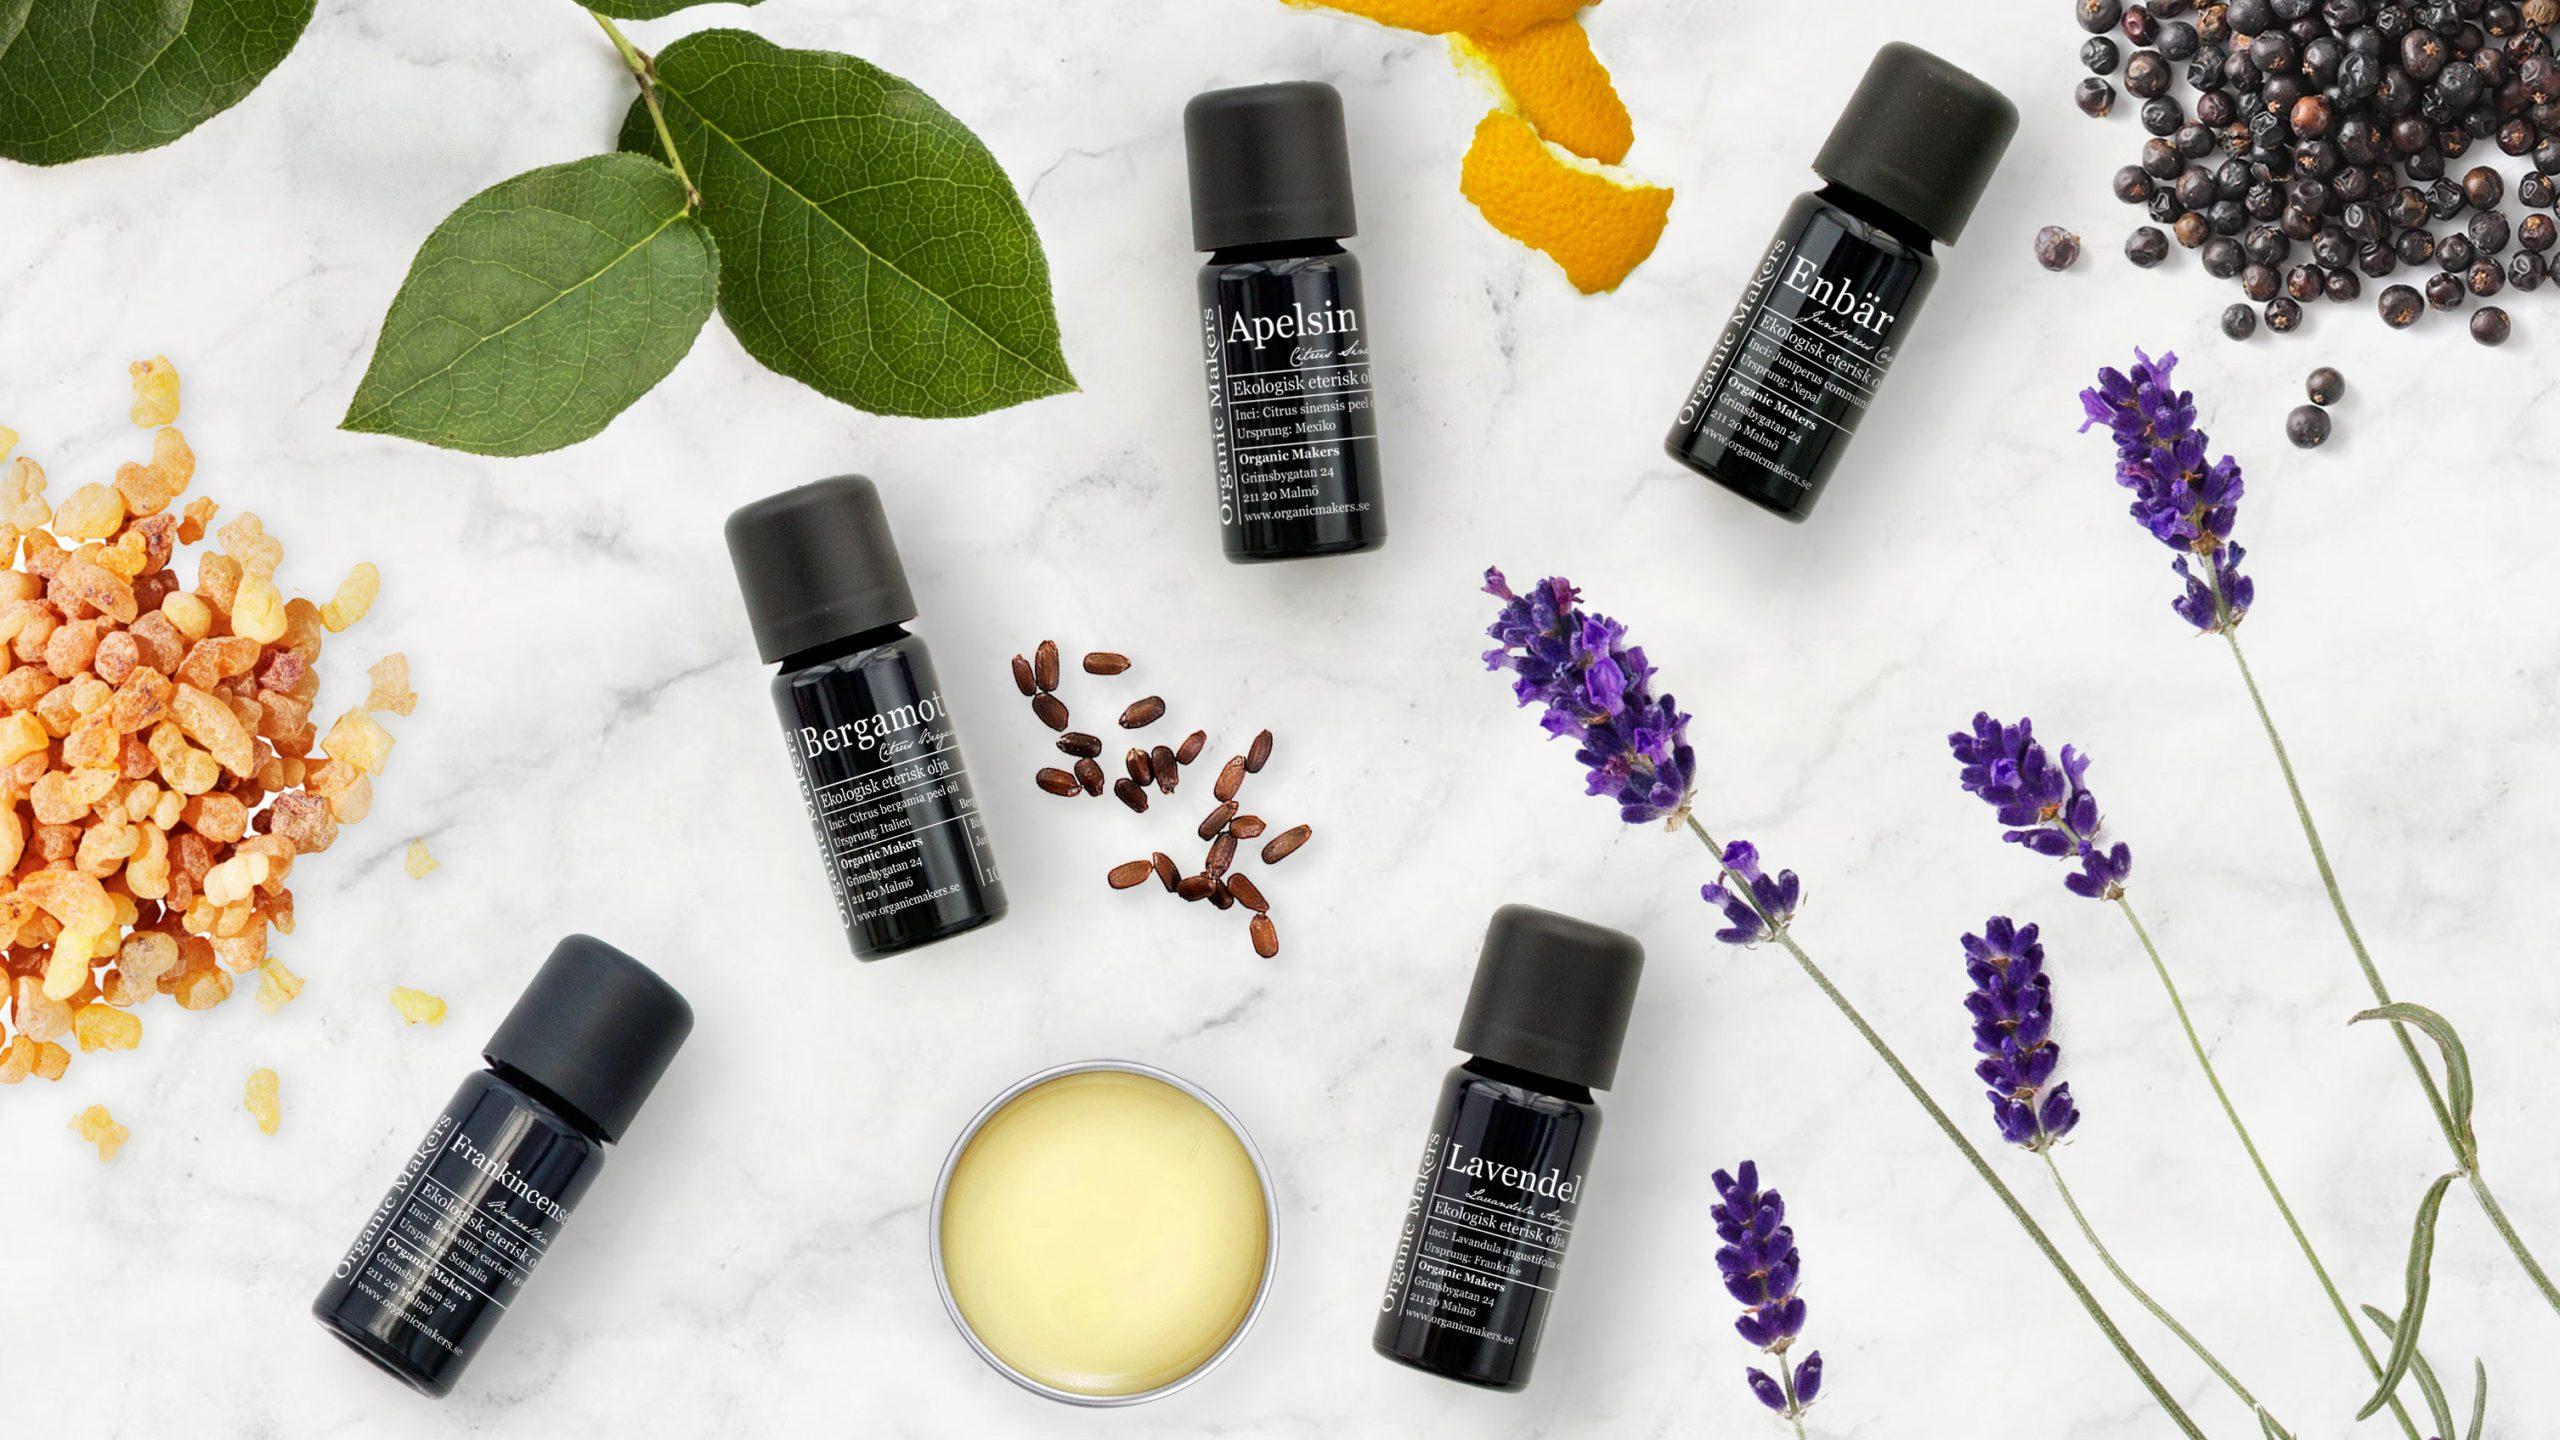 Lär dig allt om eteriska oljor; för naturlig parfym, doftsättning och aromaterapi